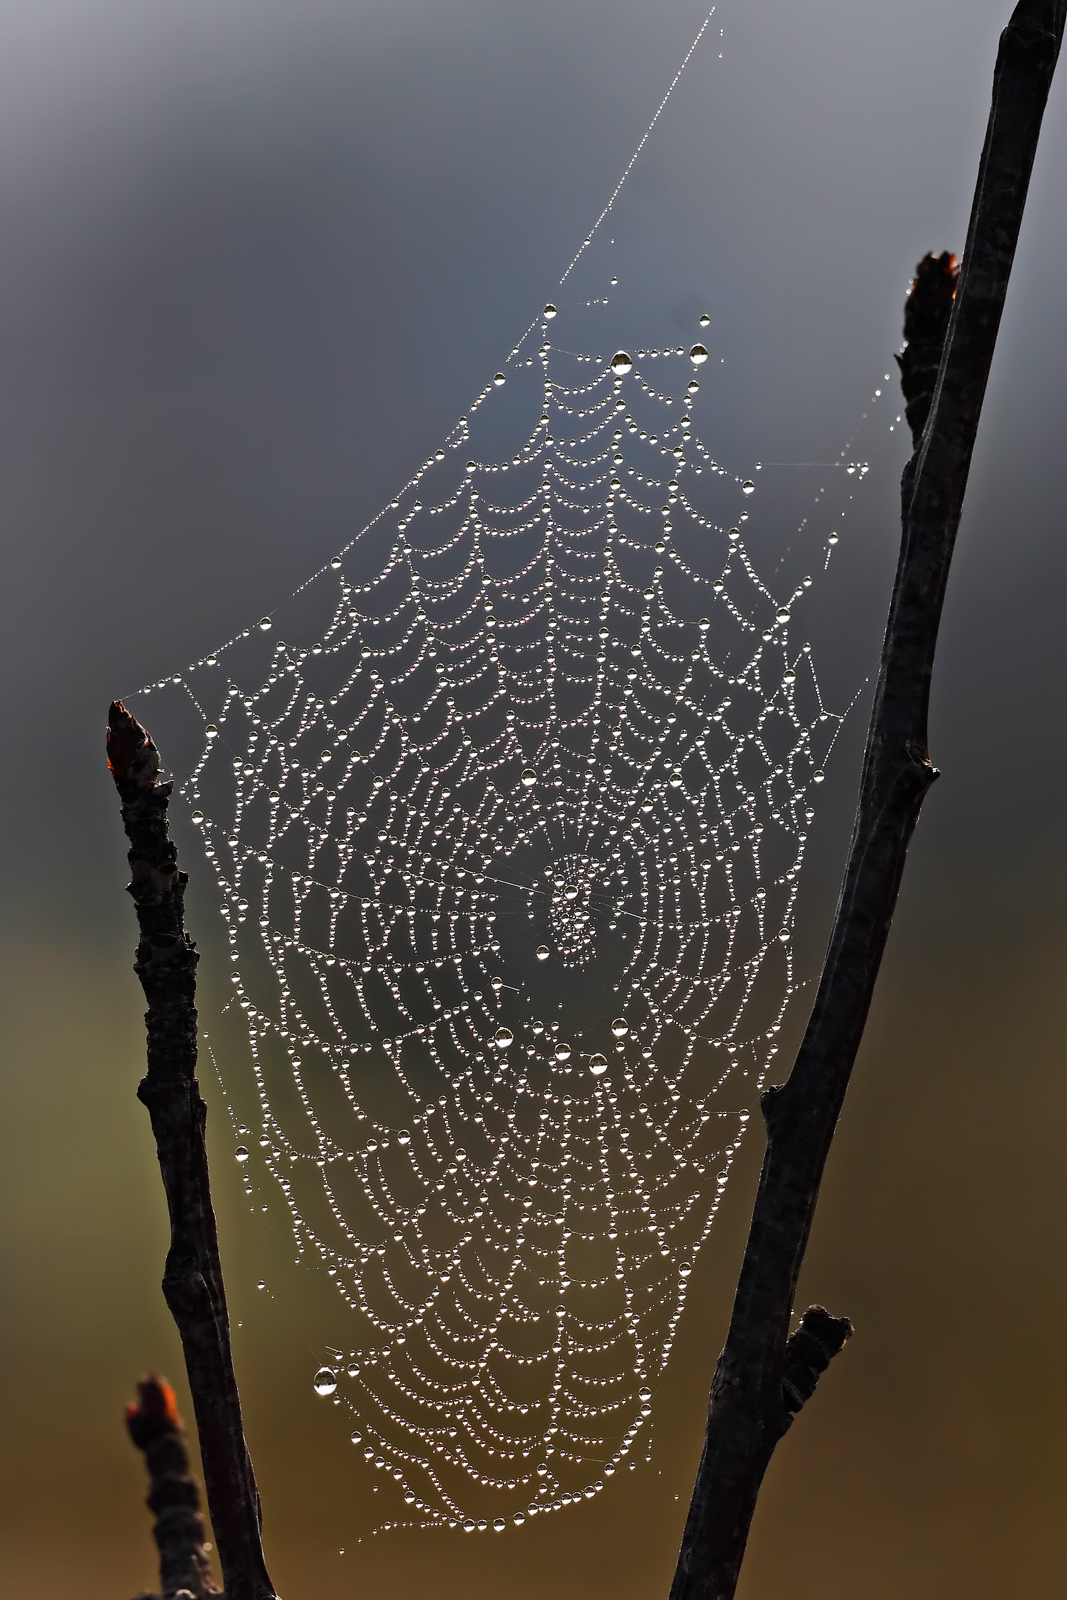 Dew - Wikipedia